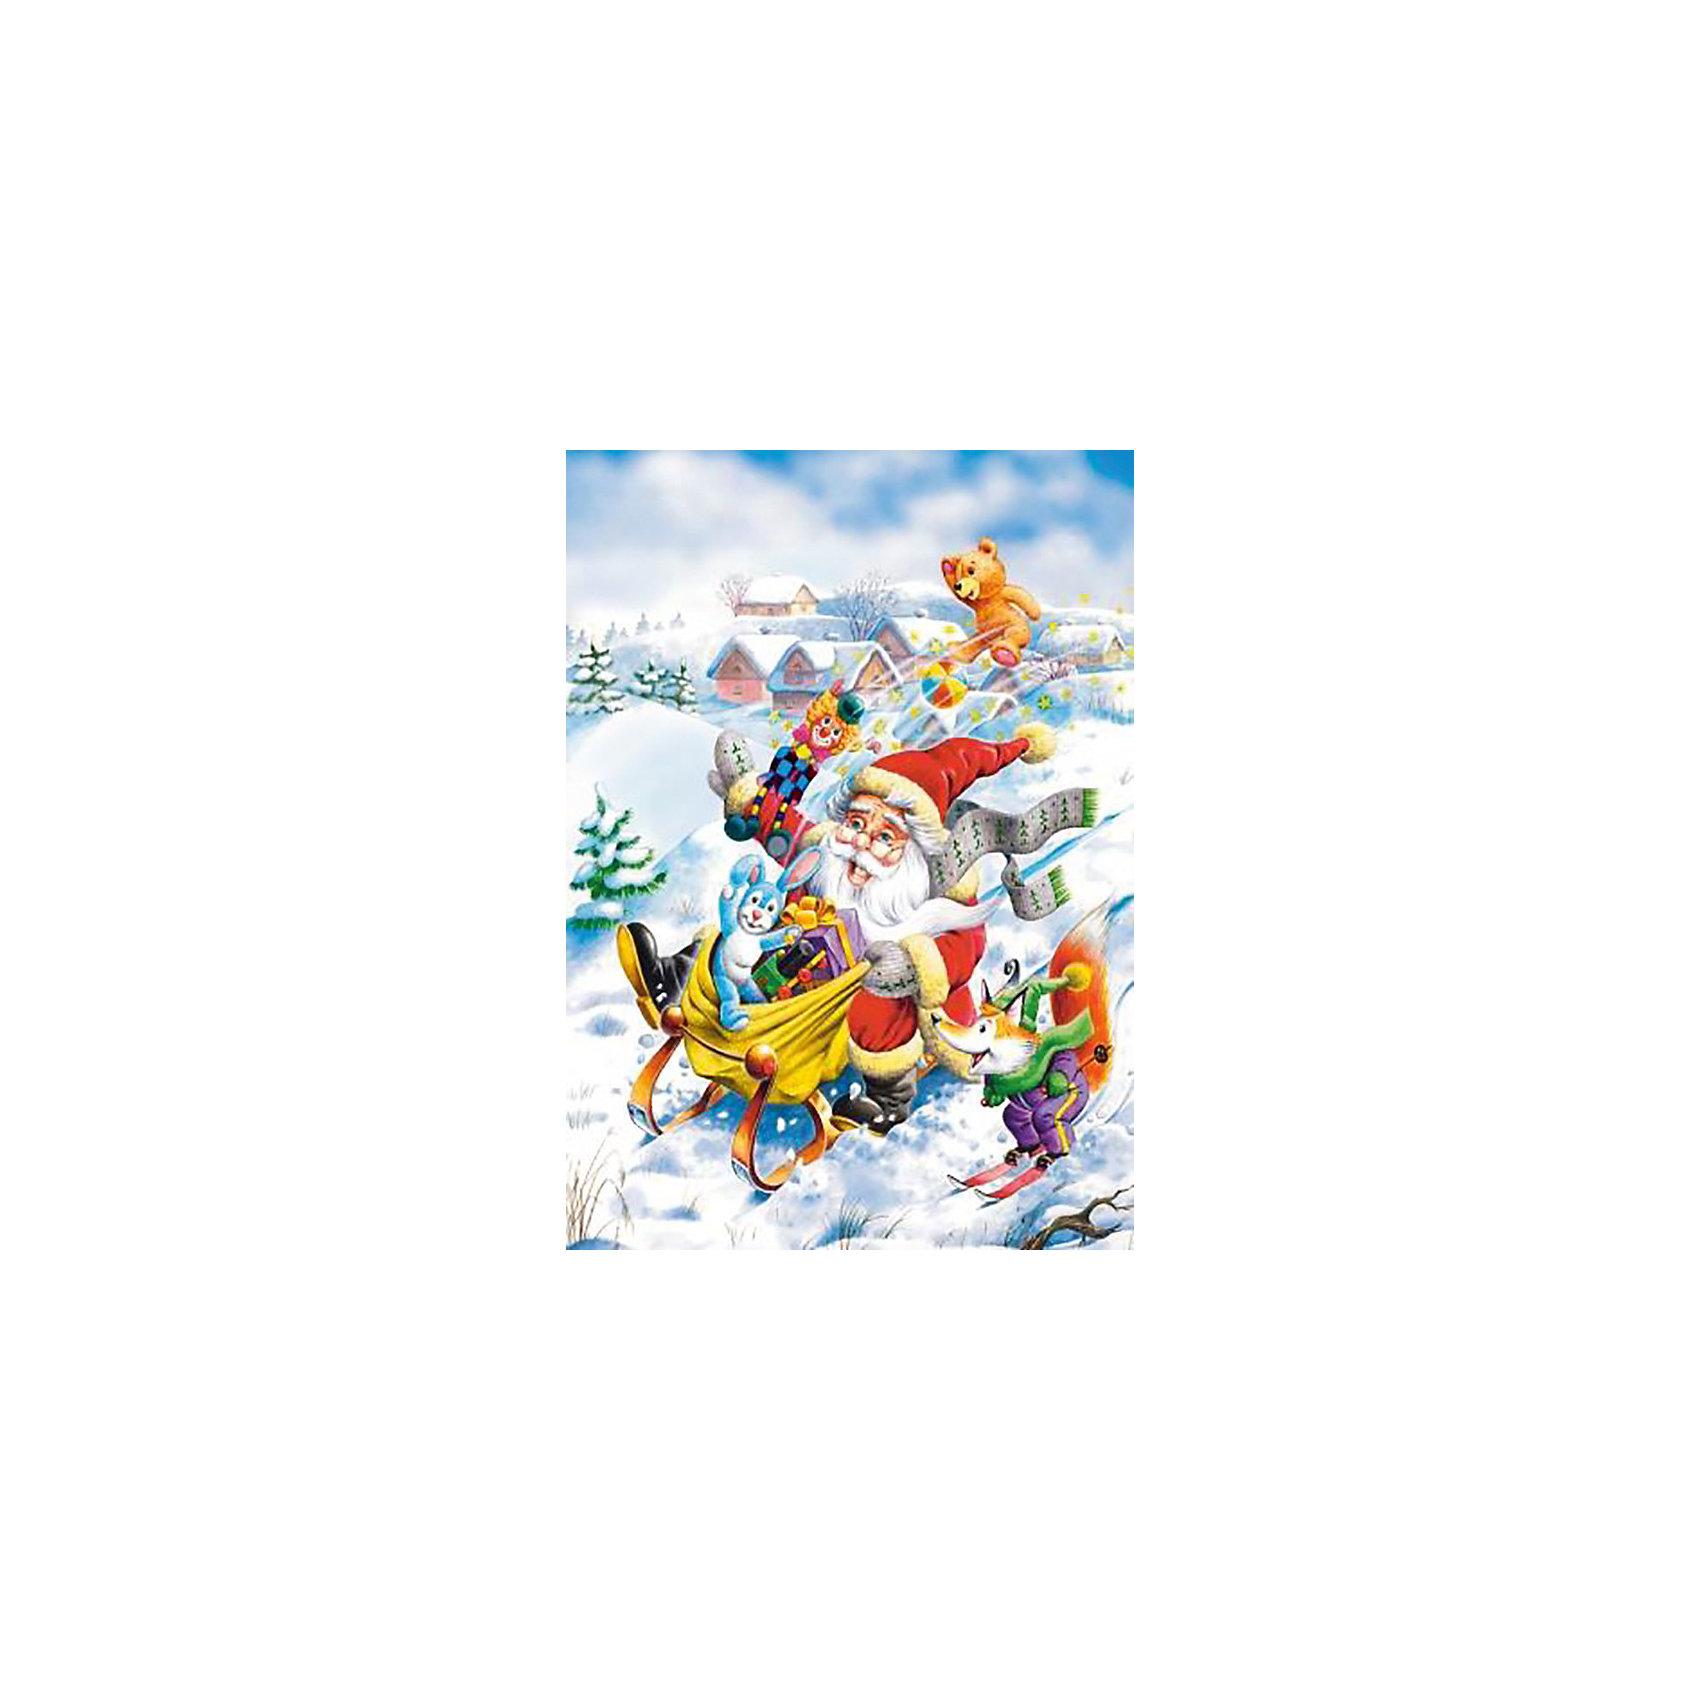 Пазл Поездка Санты, 120 деталей, CastorlandДобродушный Санта Клаус мчится на санях с кучей подарков. Соберите  пазл «Поездка Санты»  Castorland (Касторленд) и узнайте, что именно собрался подарить Санта малышам. Гладкие глянцевые детали уникальной формы (более мелкие по сравнению с обычными) изготовлены из плотного картона и точно нарезаны, поэтому стыкуются без проблем. Яркая цветовая гамма и красивый рисунок с интересным сюжетом порадуют Вас и Вашего малыша и принесут  массу положительных эмоций!<br><br>Дополнительная информация:<br><br>- Прекрасный подарок на Новый Год;<br>- Уникальное качество деталей;<br>- Размеры упаковки 13 х 3,7 х 17,5 см;<br>- Размер картинки: 32 х 23 см;<br>- Вес: 150 г<br><br>Пазл «Поездка Санты», 120 деталей, Castorland (Касторленд)  можно купить в нашем интернет-магазине.<br><br>Ширина мм: 180<br>Глубина мм: 40<br>Высота мм: 130<br>Вес г: 150<br>Возраст от месяцев: 60<br>Возраст до месяцев: 120<br>Пол: Унисекс<br>Возраст: Детский<br>Количество деталей: 120<br>SKU: 3849132